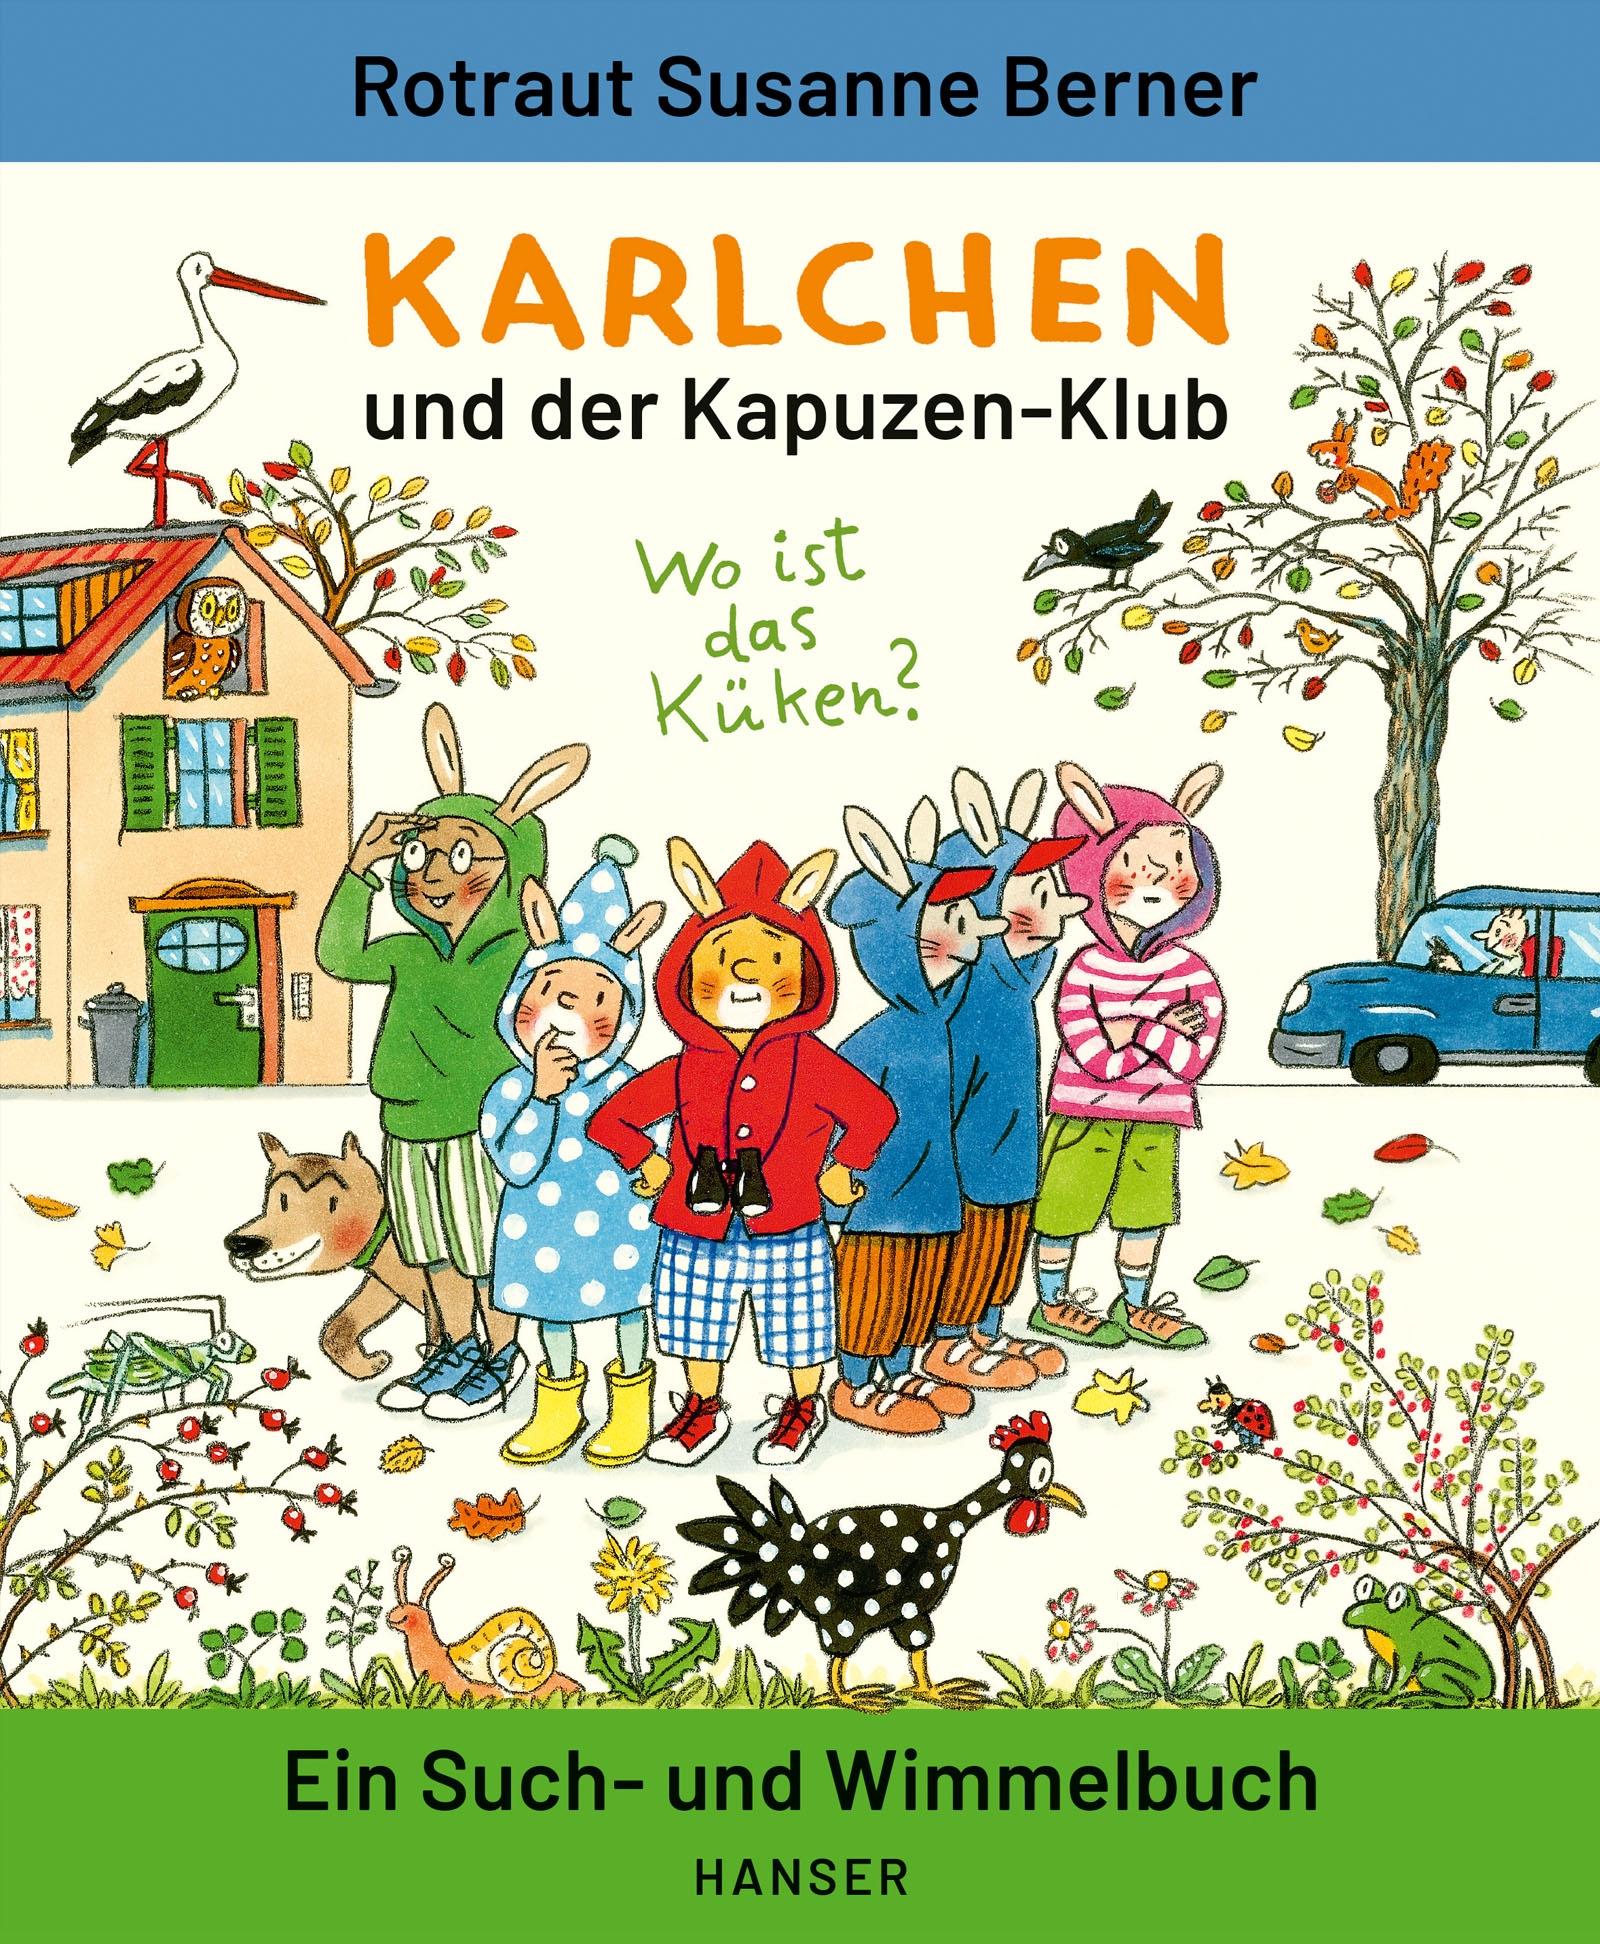 Karlchen und der Kapuzen-Klub